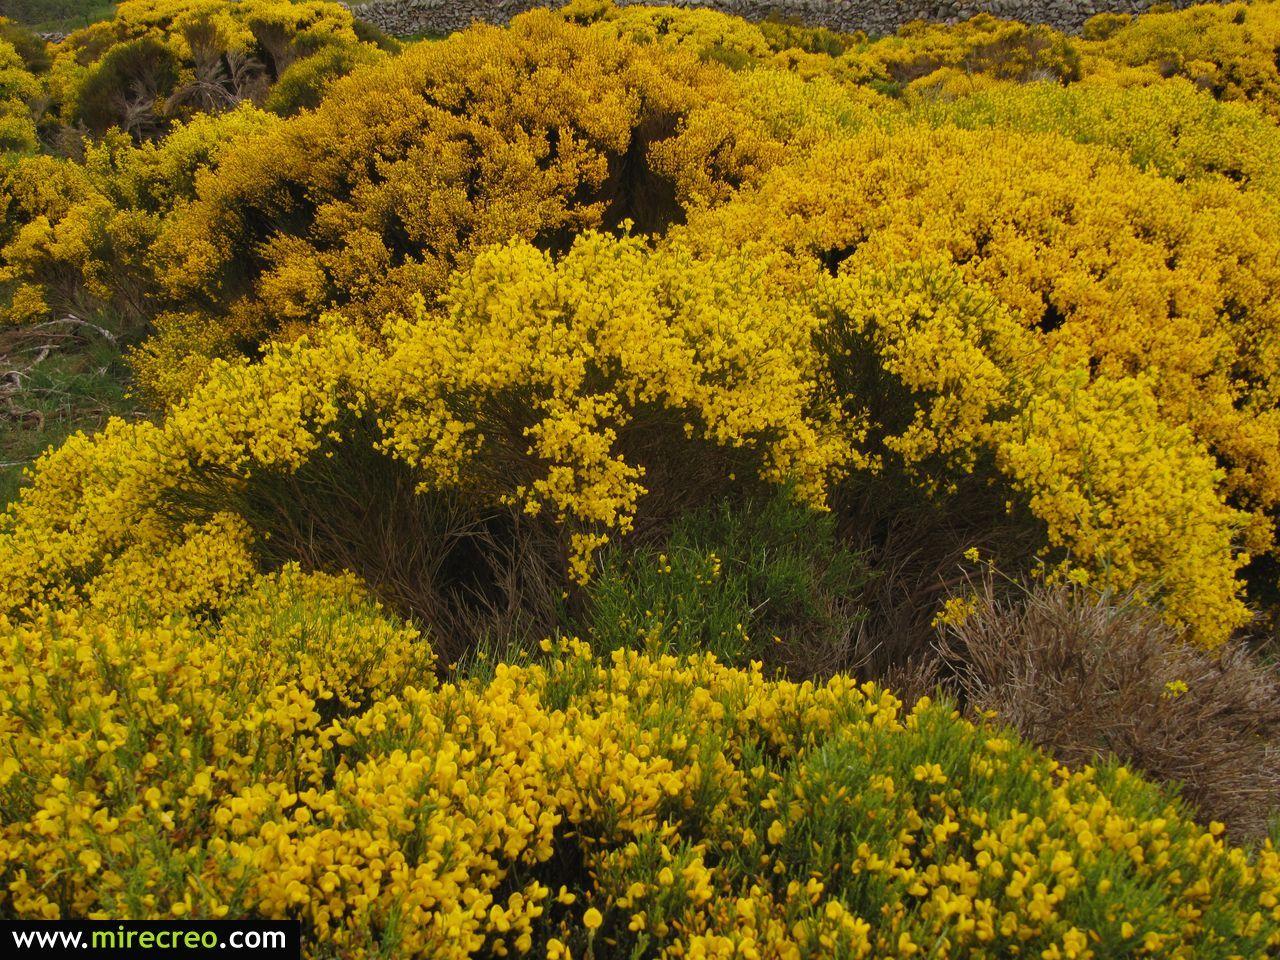 Piornos en flor. Ruta por San Martin de la Vega del Alberche, Sierra de Gredos, Avila  #avila #nature #senderismo #mirecreo #hiking #spring #primavera #castillayleon #trips #escursiones #flowers #flores